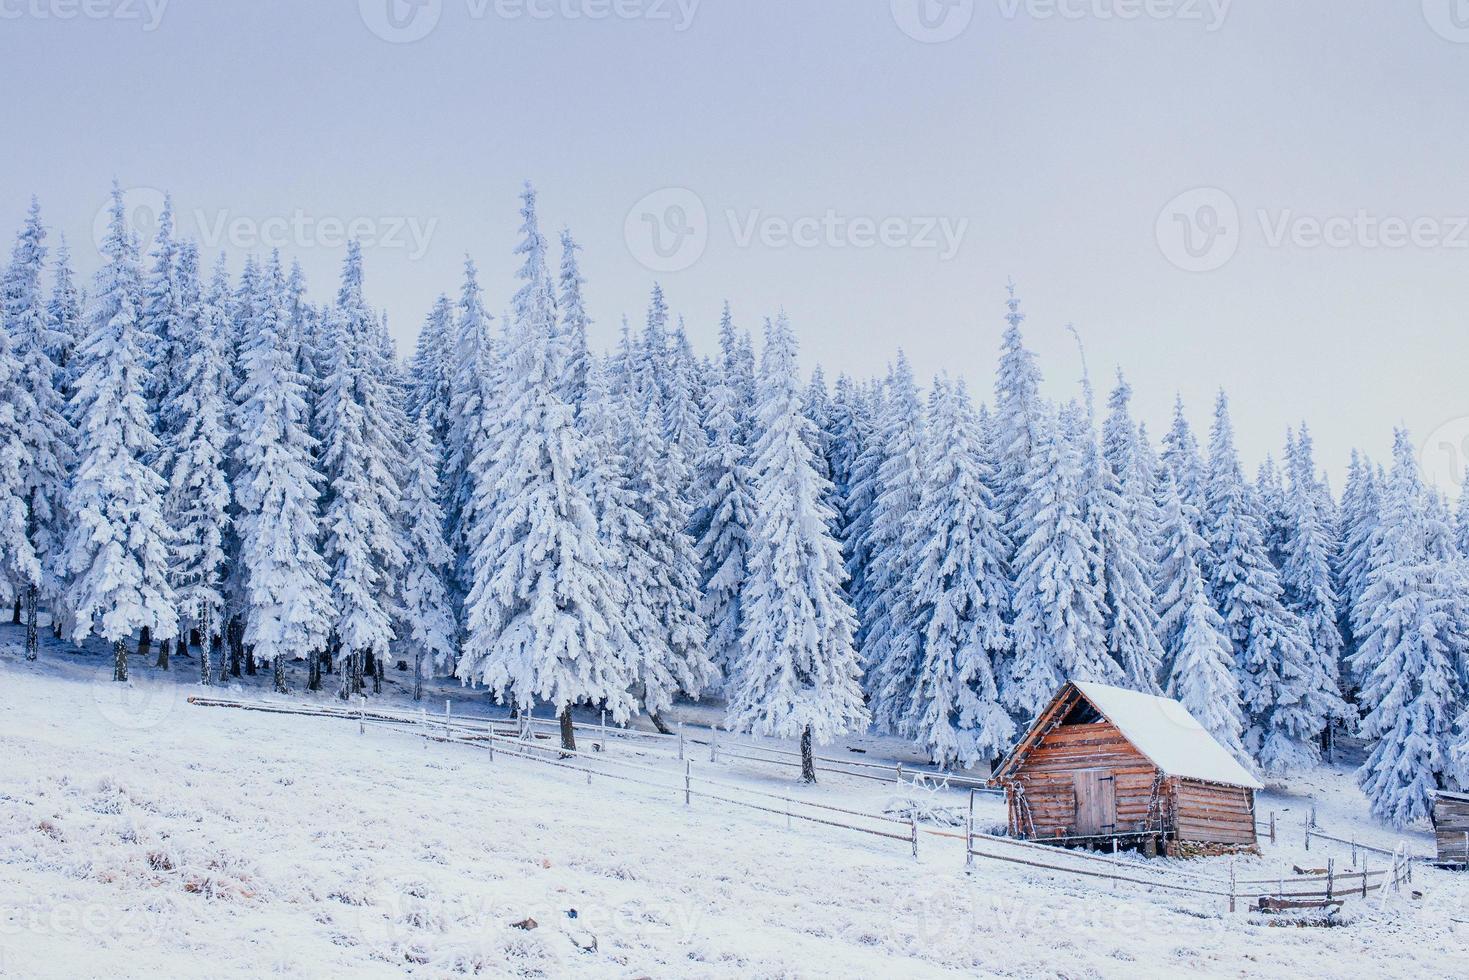 Winterlandschaft von schneebedeckten Bäumen im Winter Raureif und c foto